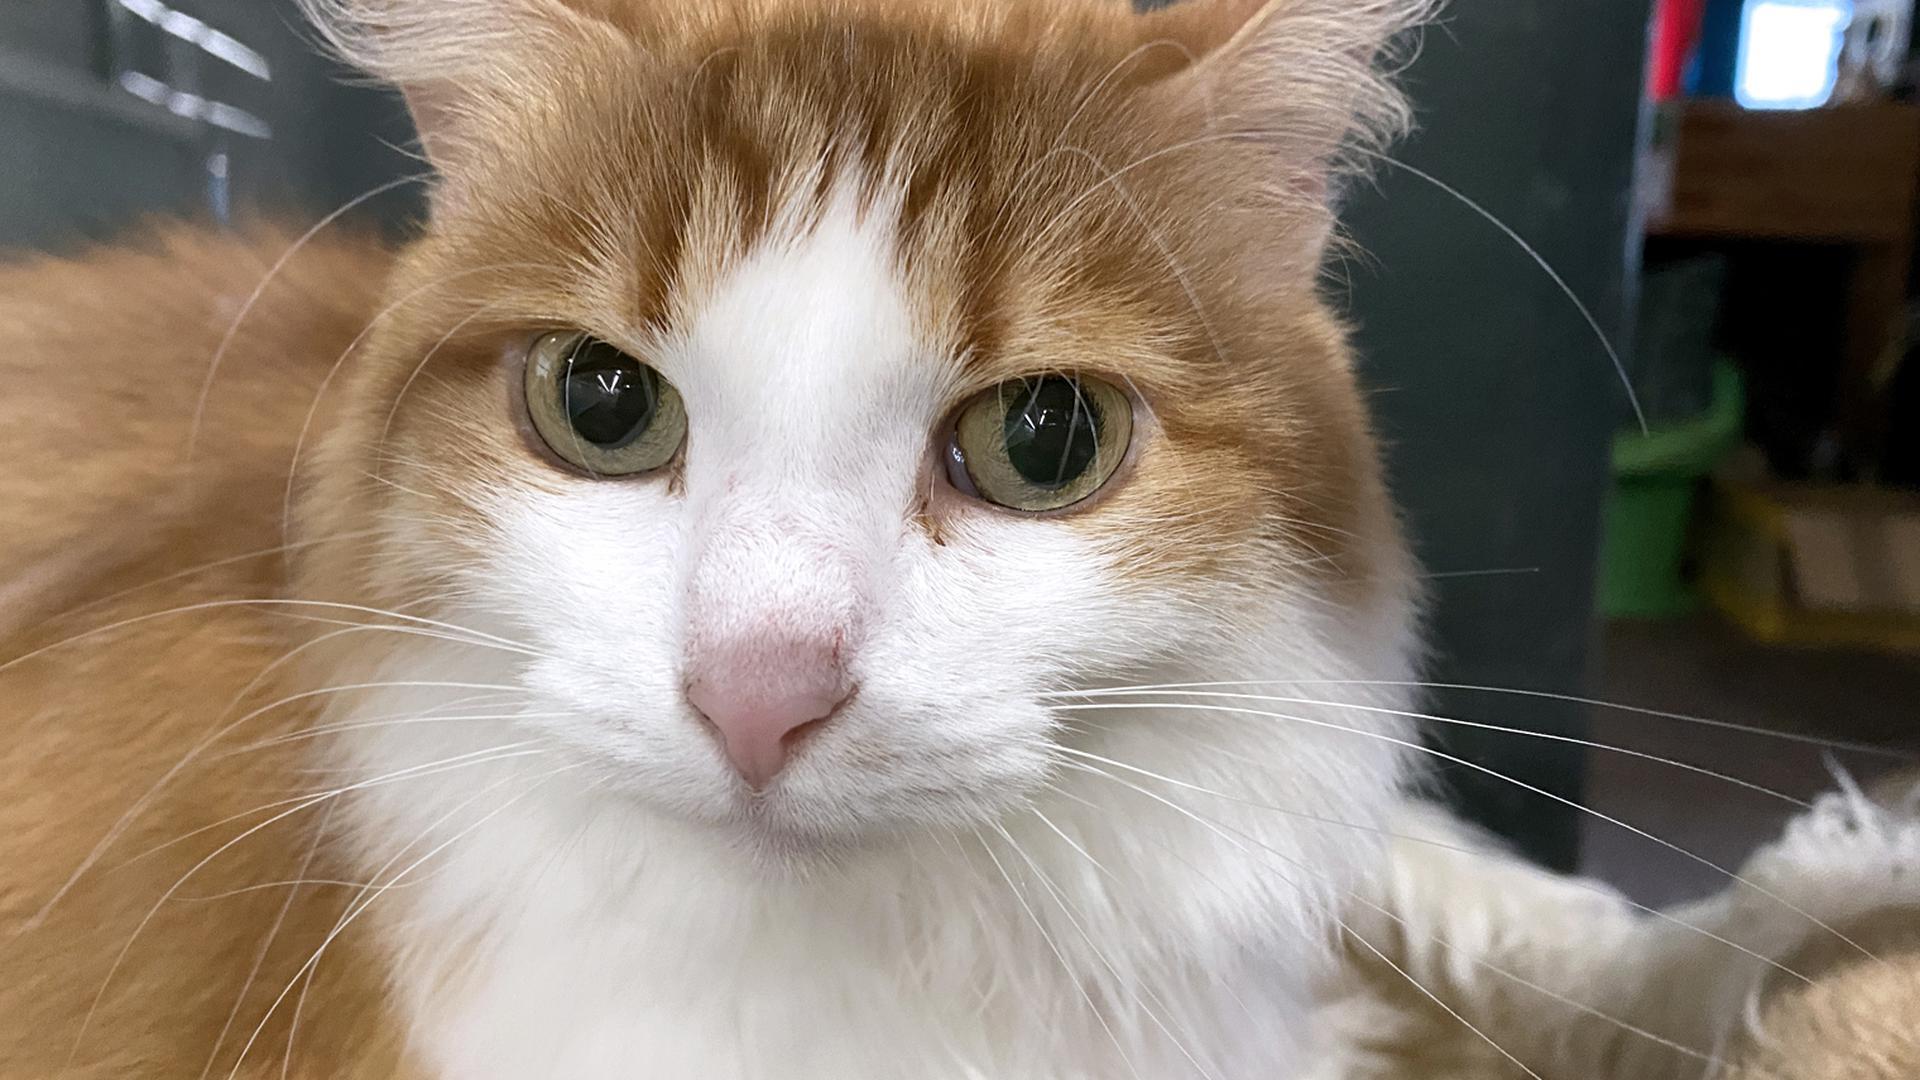 Eine Katze mit rot-getigertem Fell blickt in die Kamera.